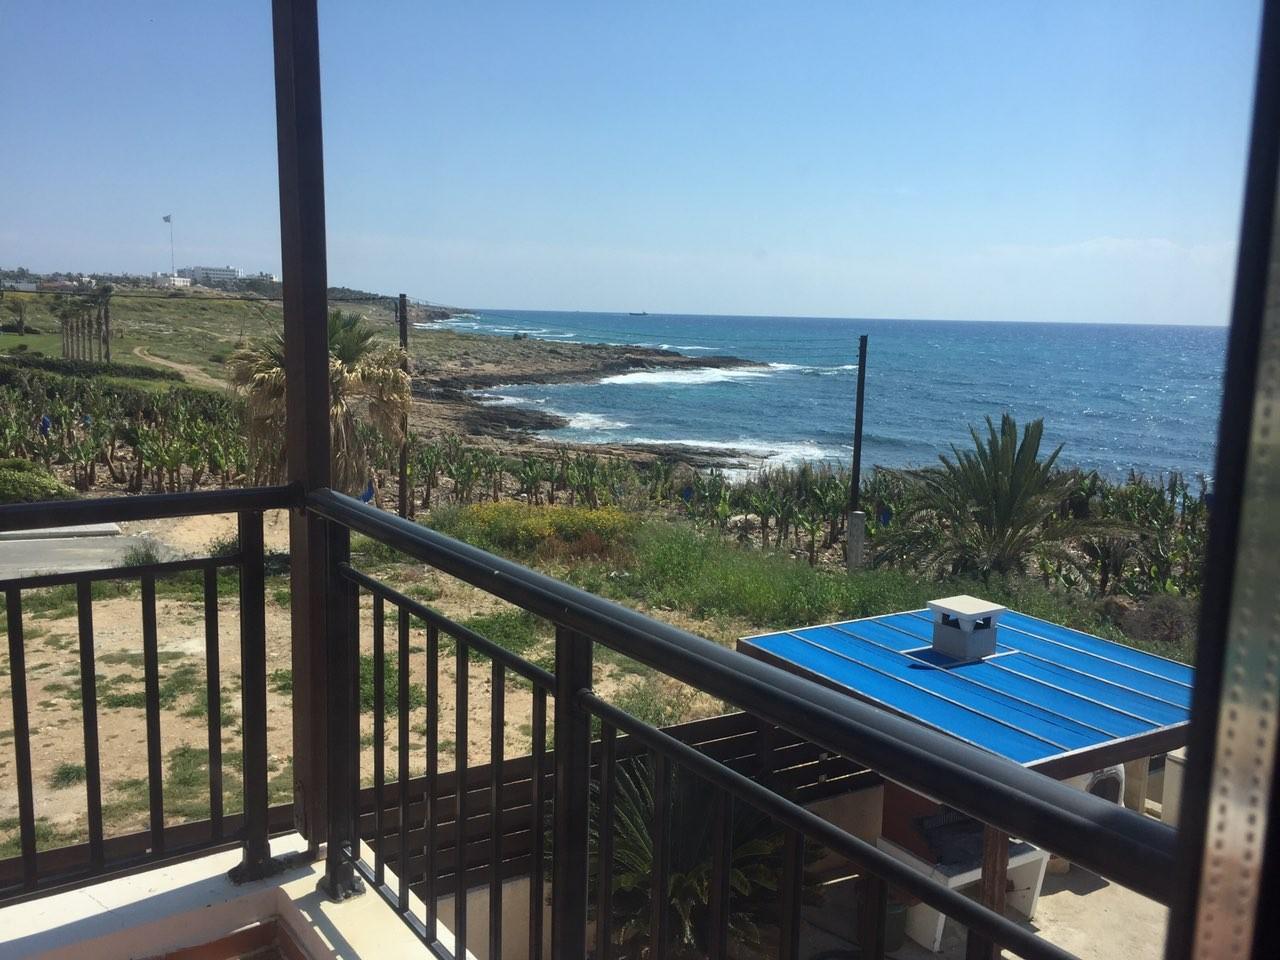 Недвижимость на Продажу: Дом (Отдельный), Киссонерга, Пафос | Key Realtor Кипр